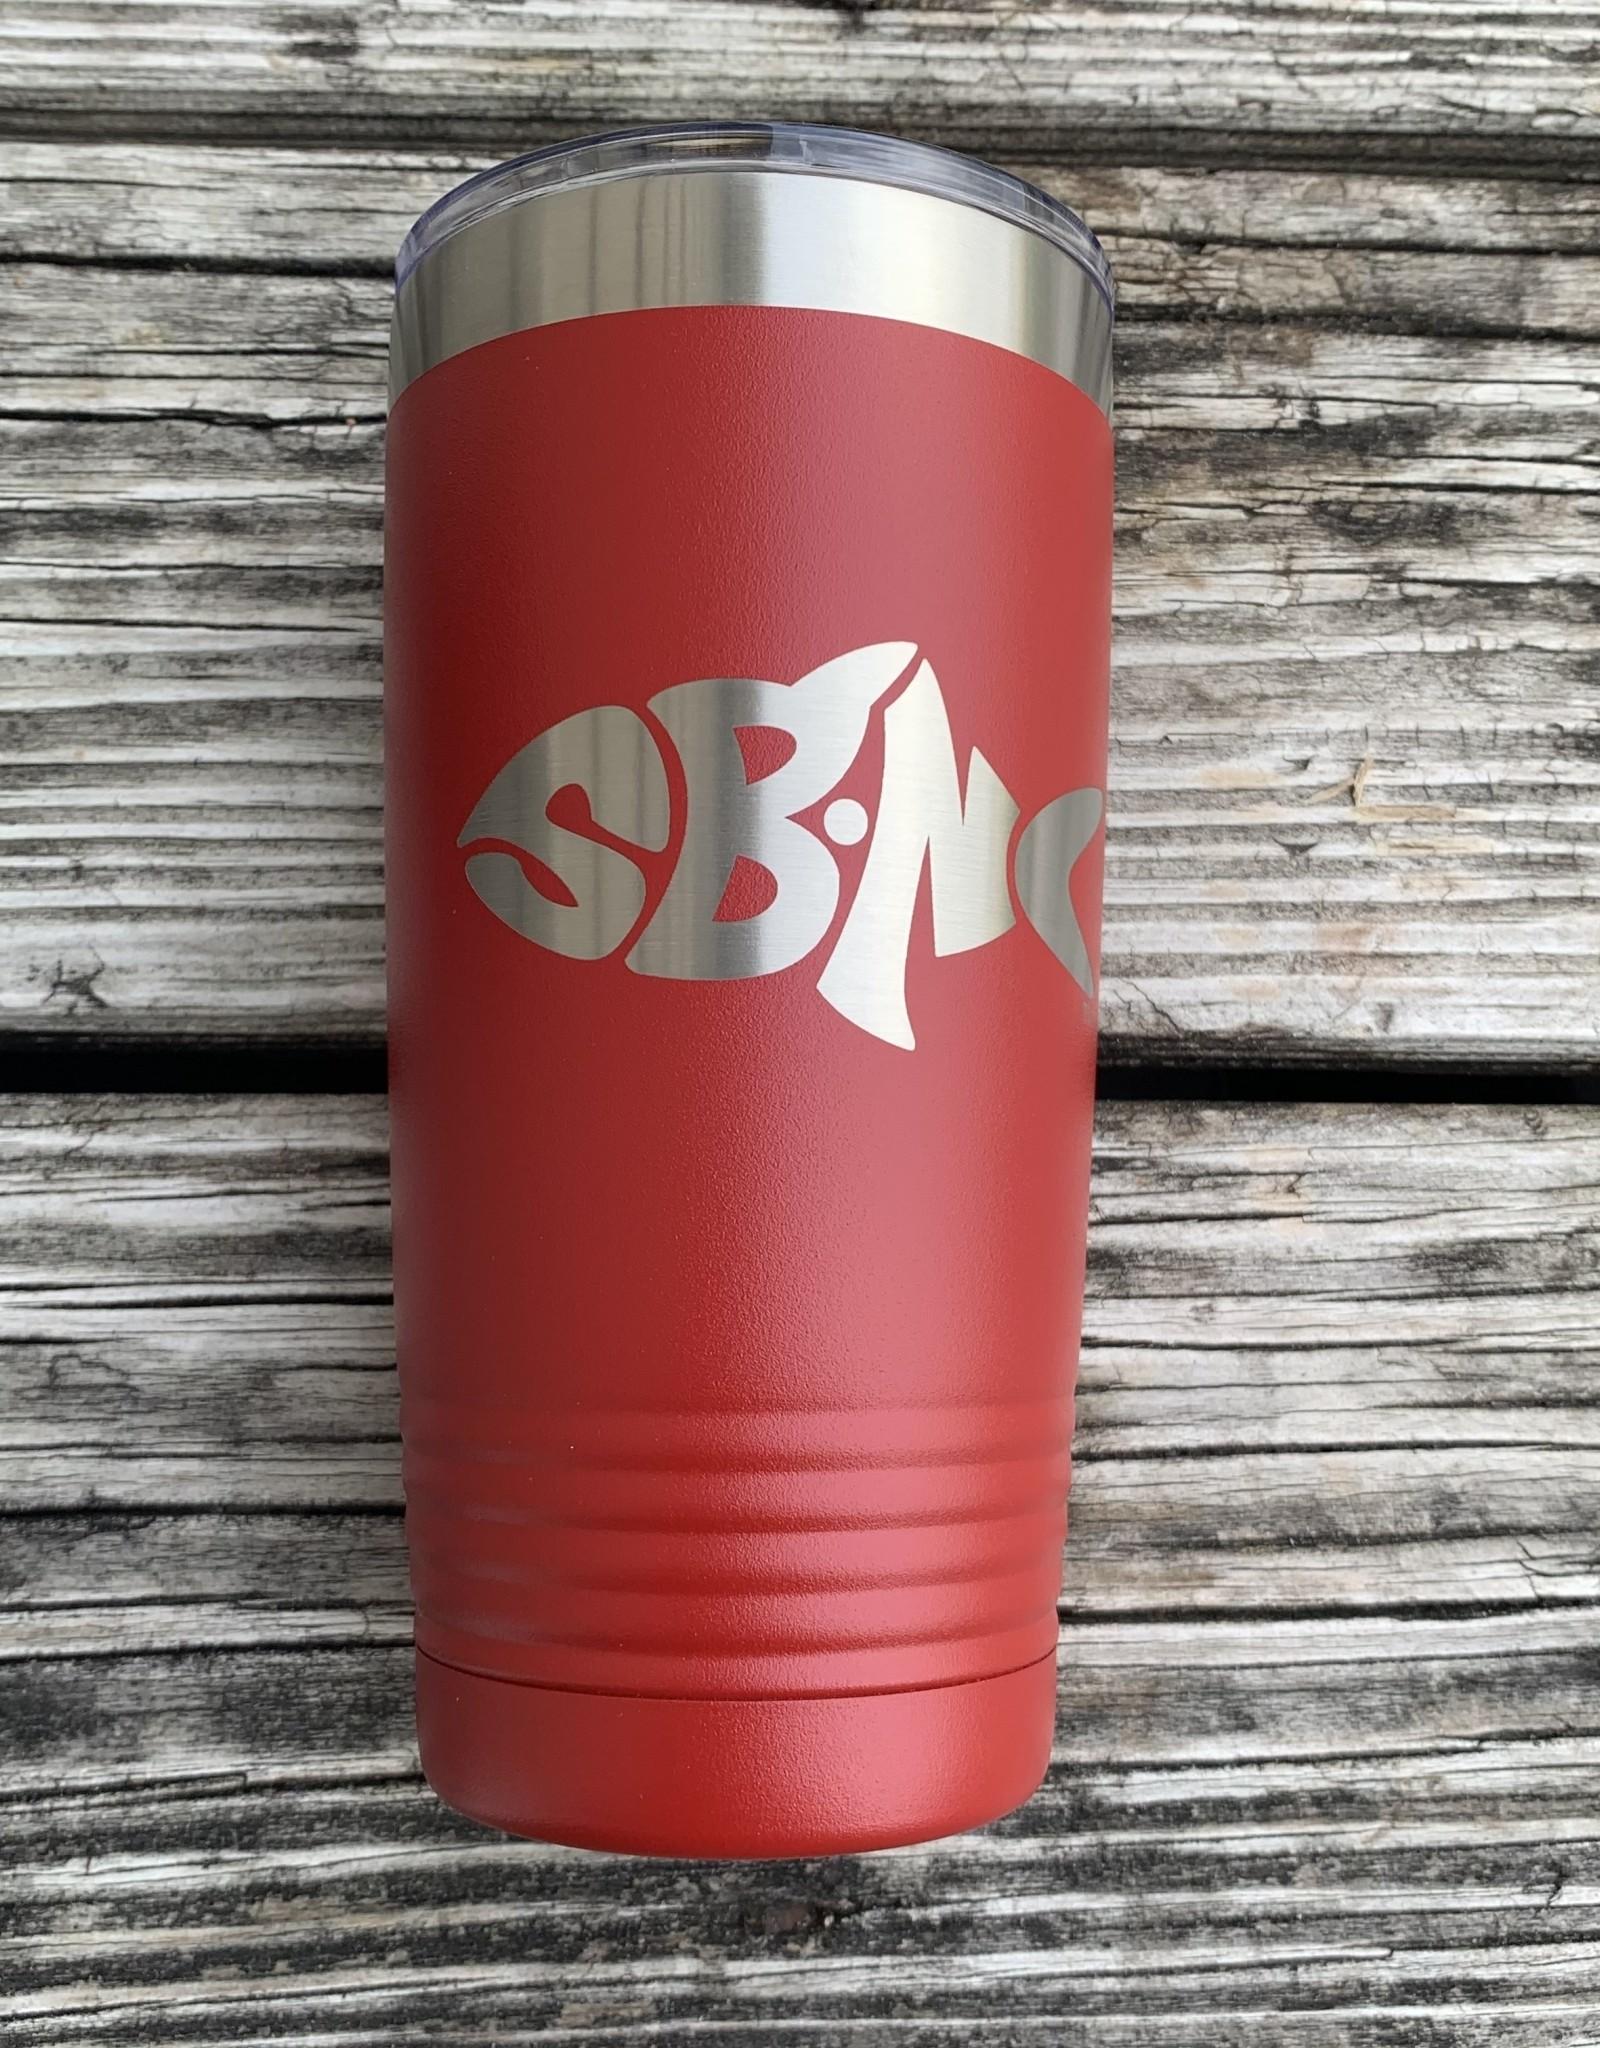 sbncfish SBNC FISH 20oz TUMBLER RED